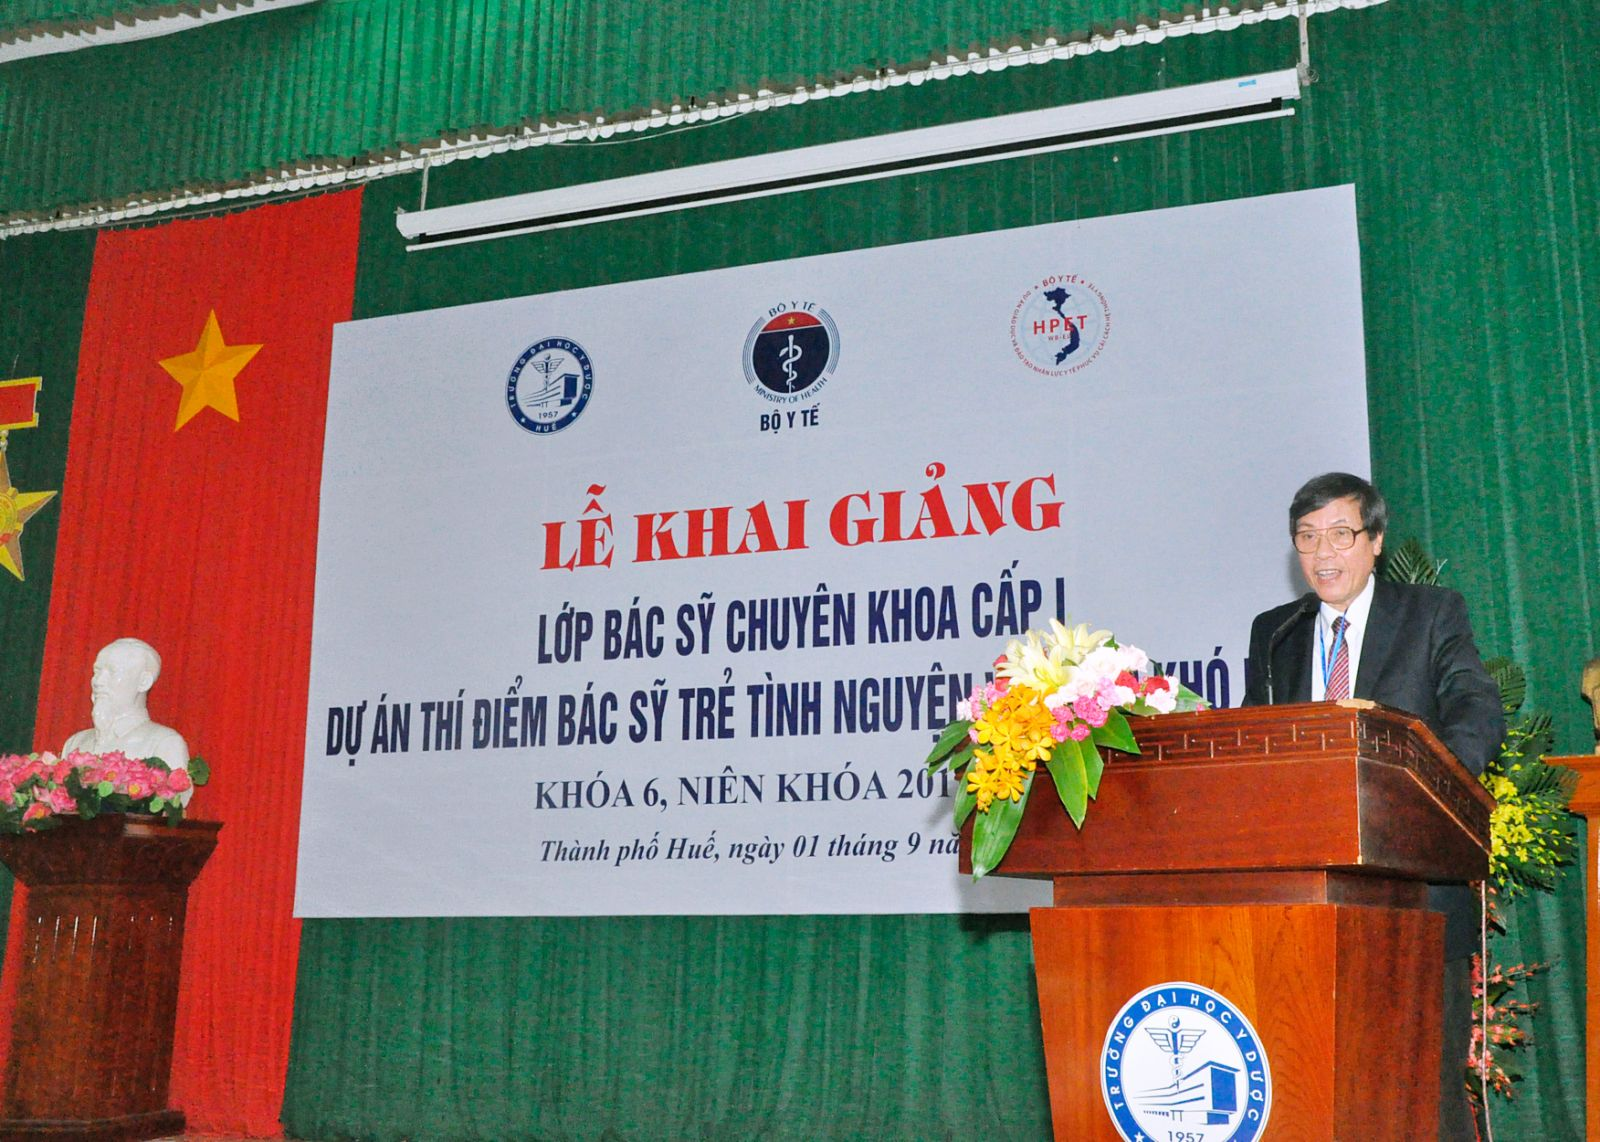 GS.Cao Ngọc Thành - Hiệu trưởng Trường Đai học Y Dược Huế phát biểu tại Lễ khai giảng